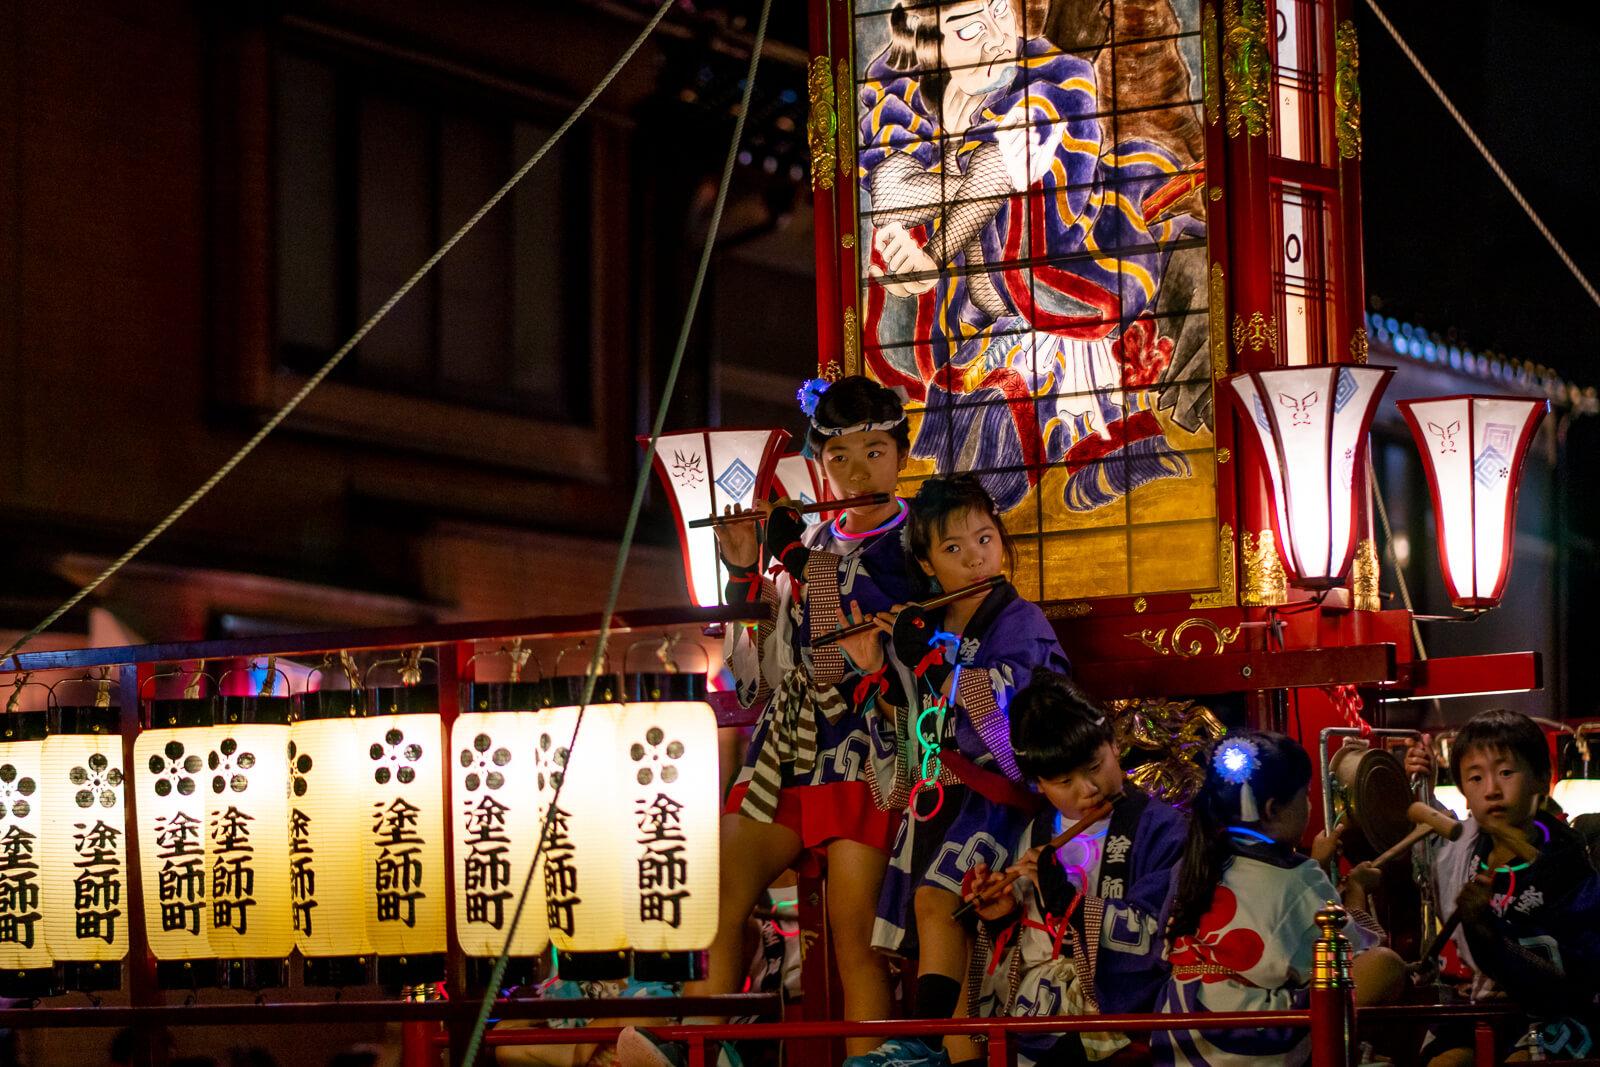 七尾祇園祭2019